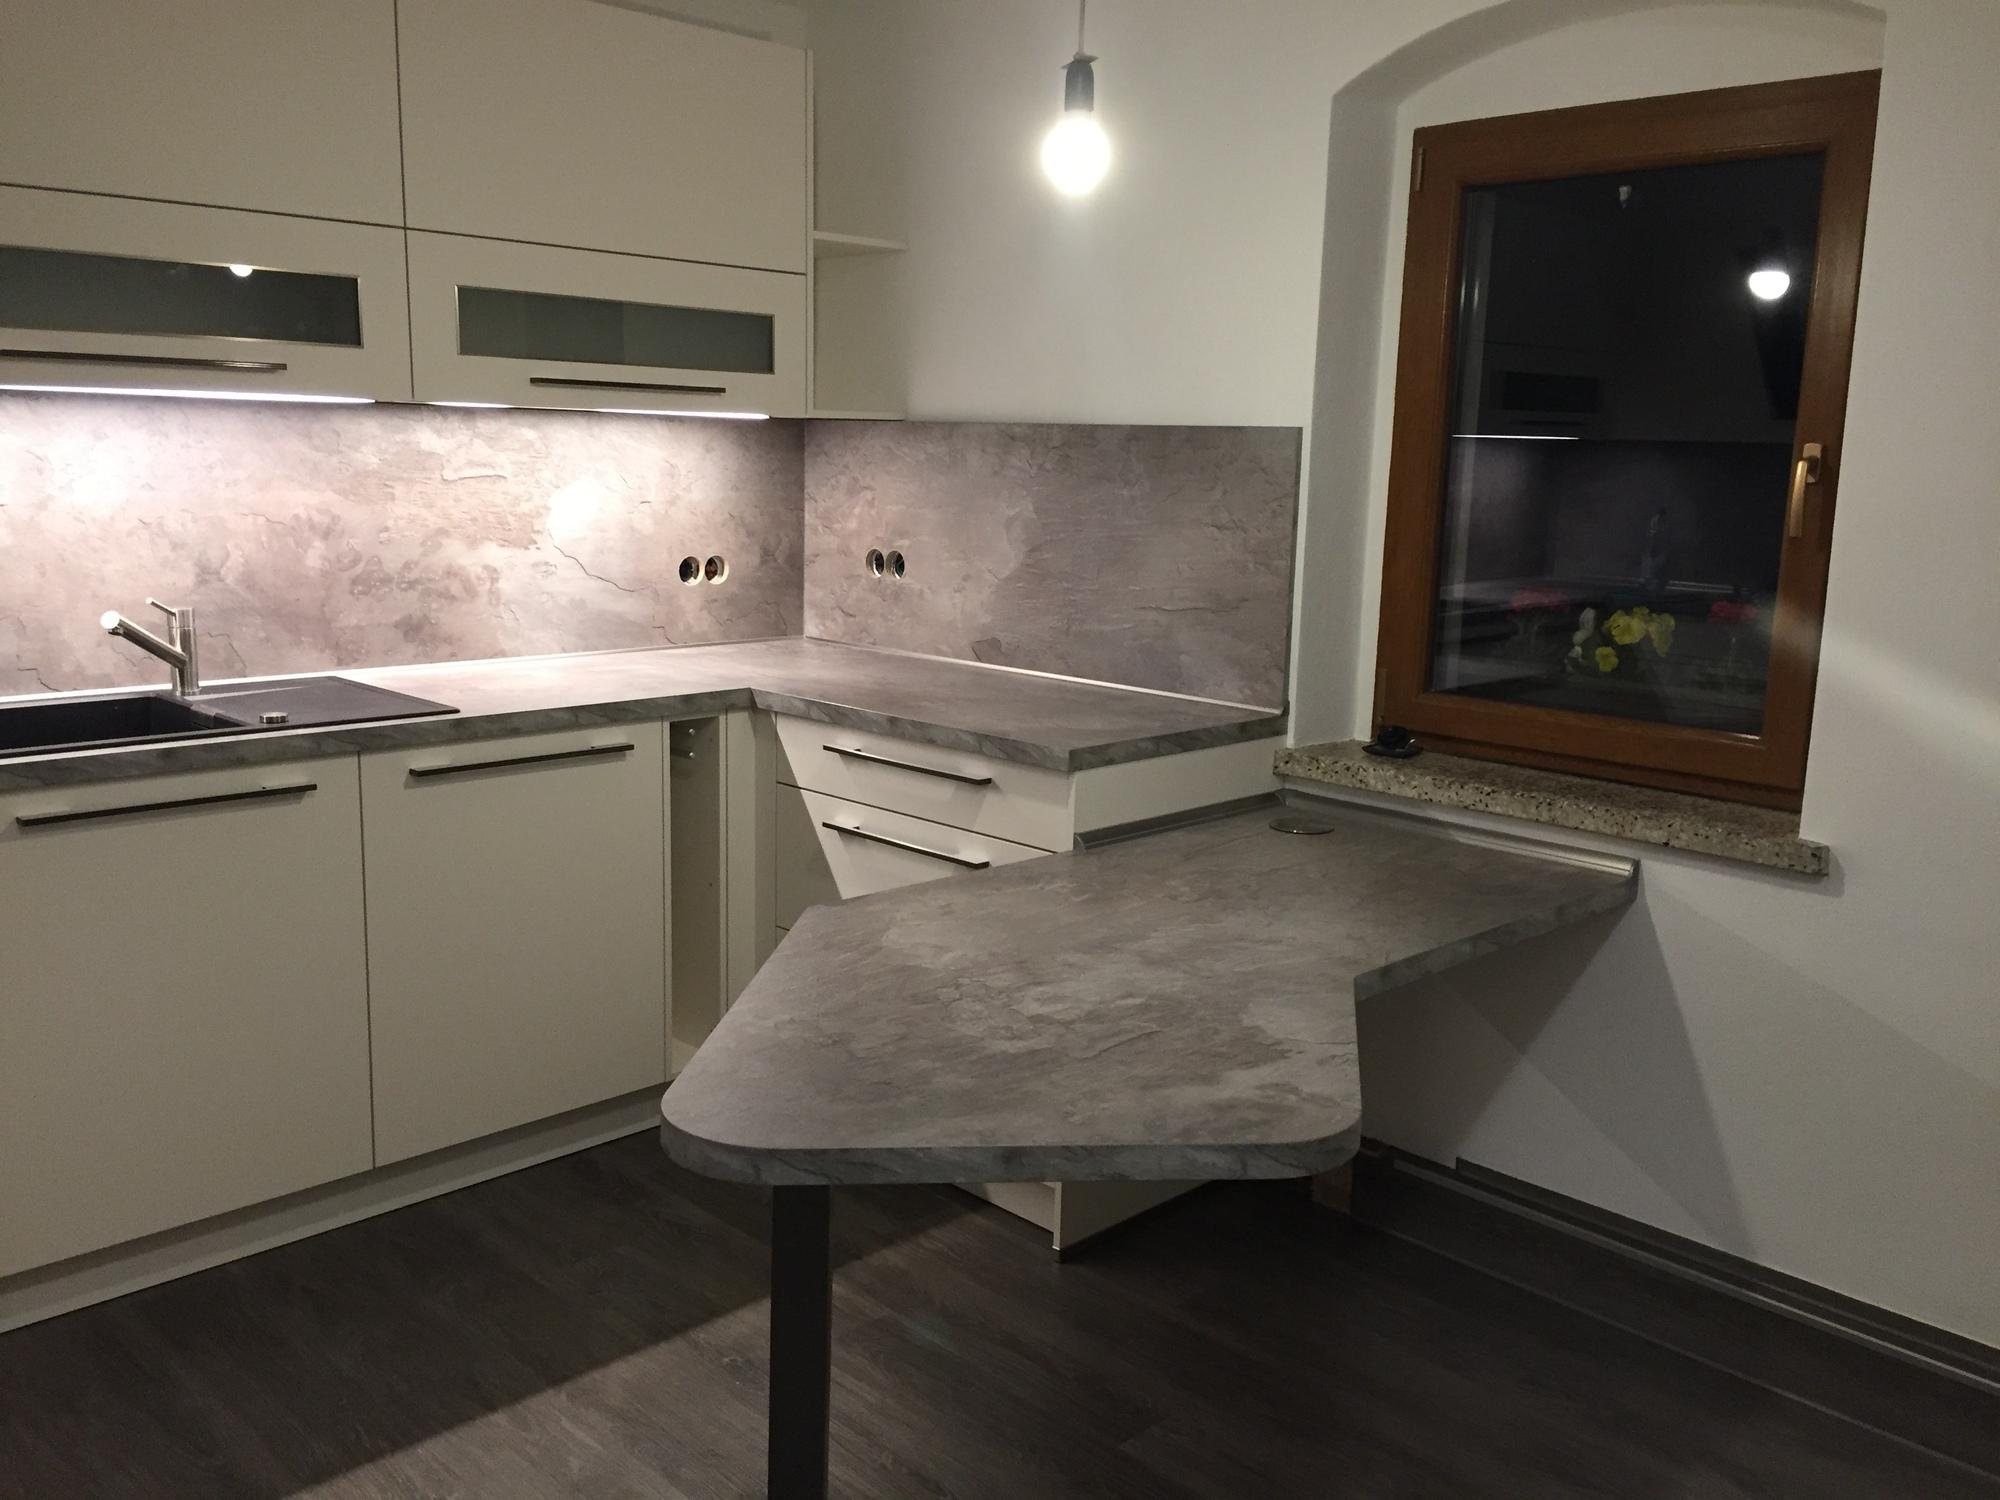 Küche neu und effektiver gestaltet - Gutsmann Küchen - Bauplanungen.de